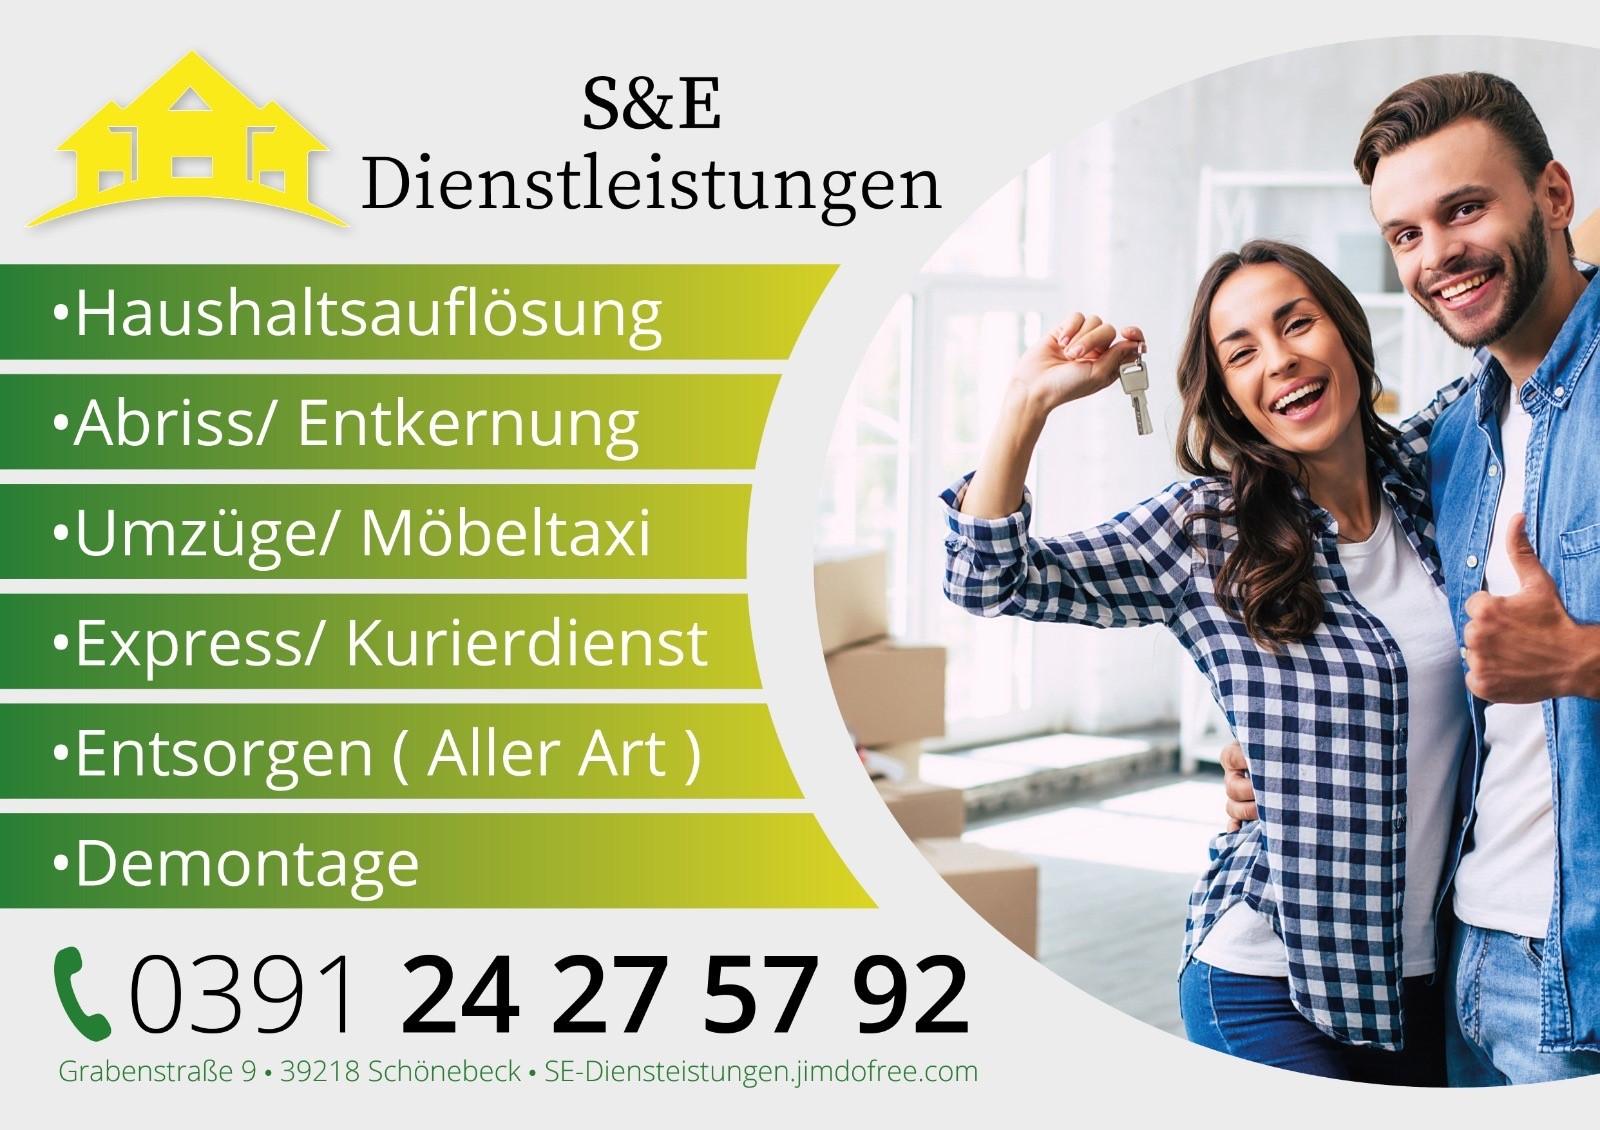 S&E Dienstleistungen